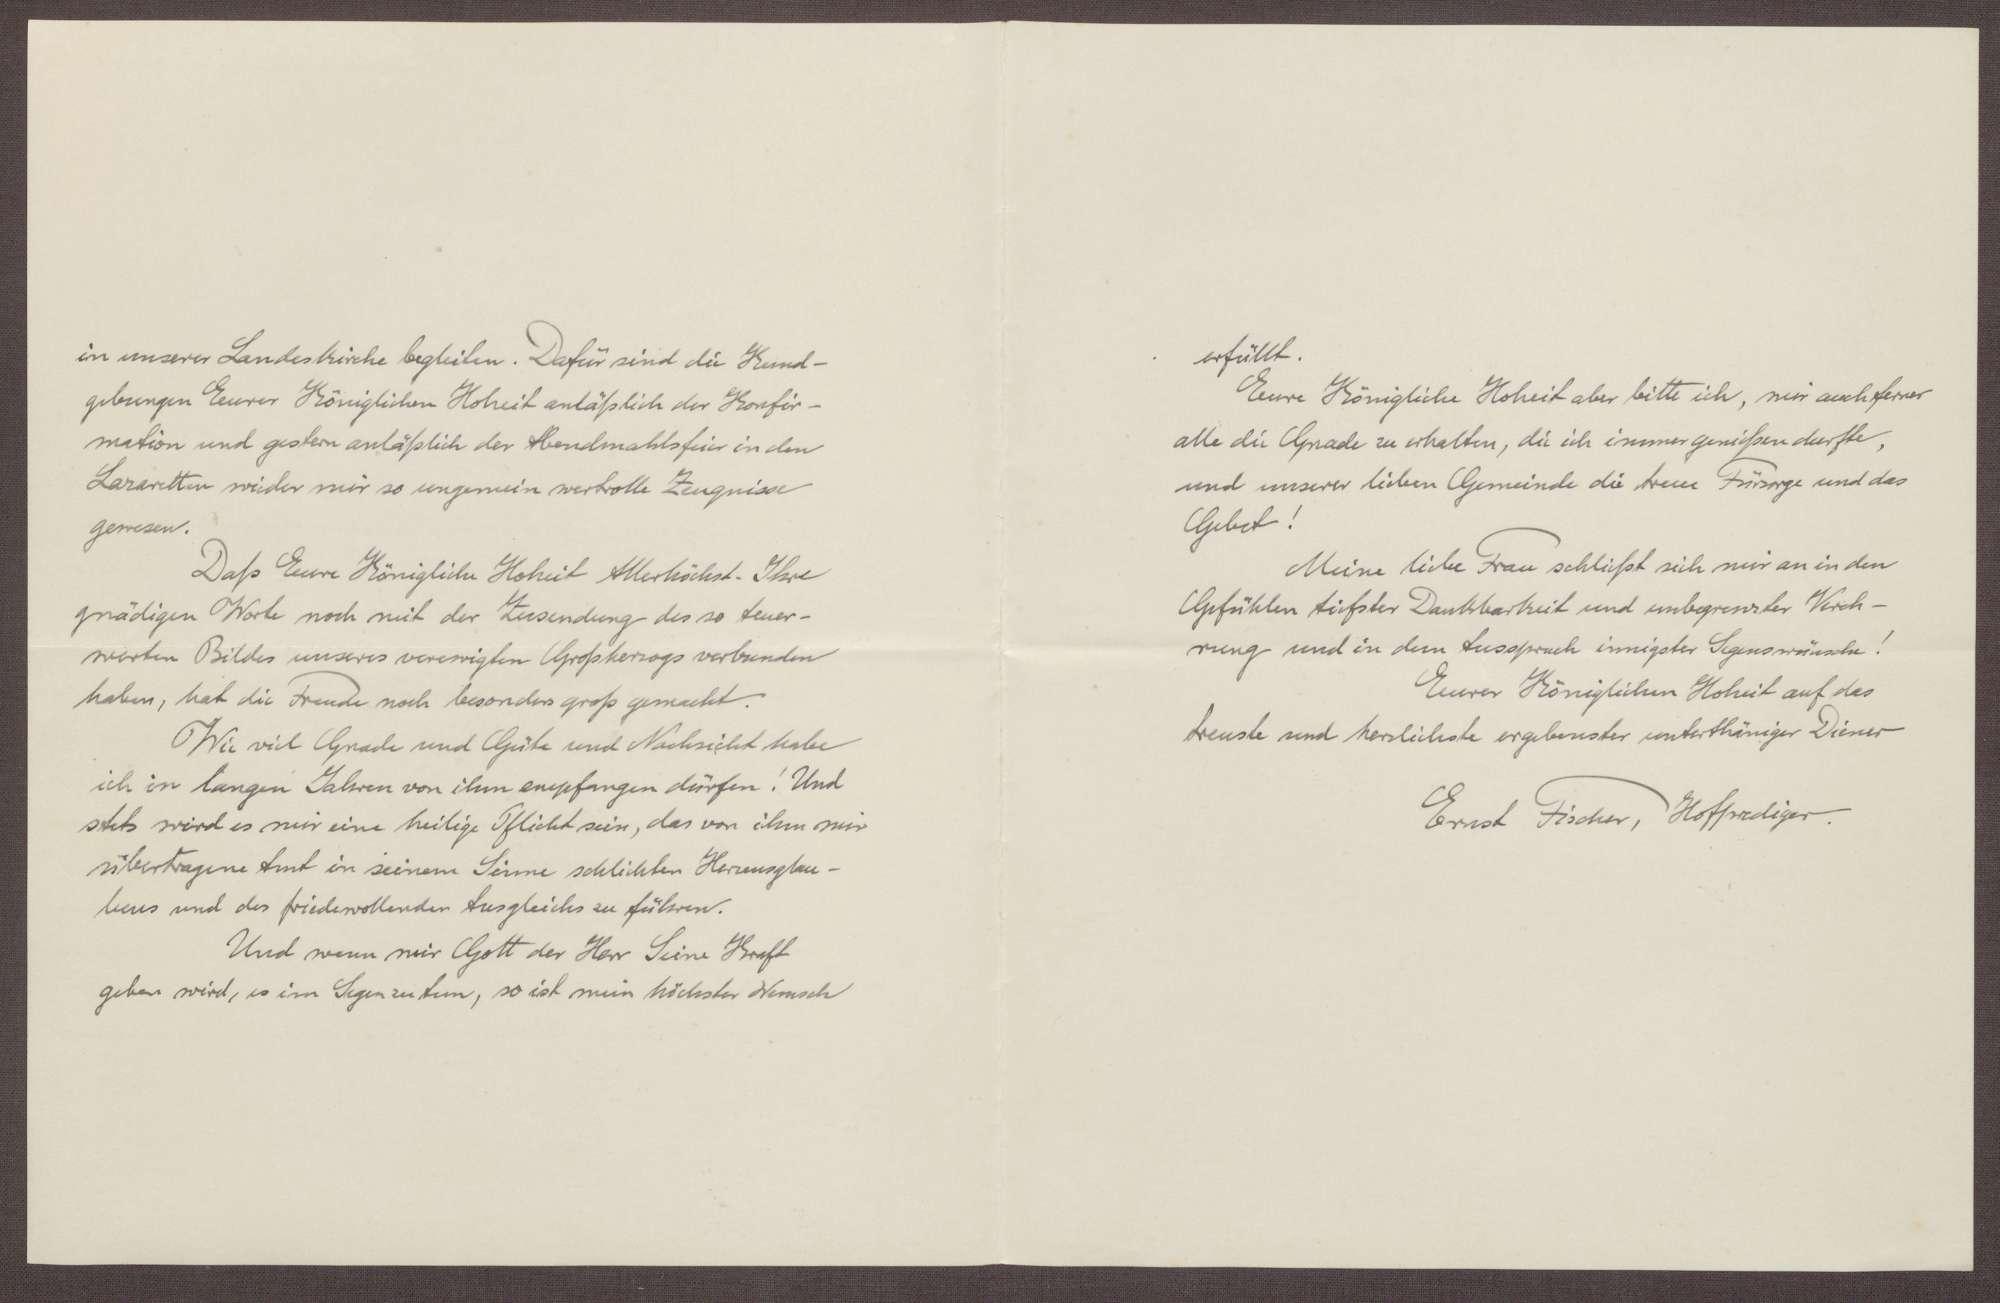 Schreiben von Ernst Fischer an die Großherzogin Luise; Dank für die Übersendung eines Schreibens, Bild 2